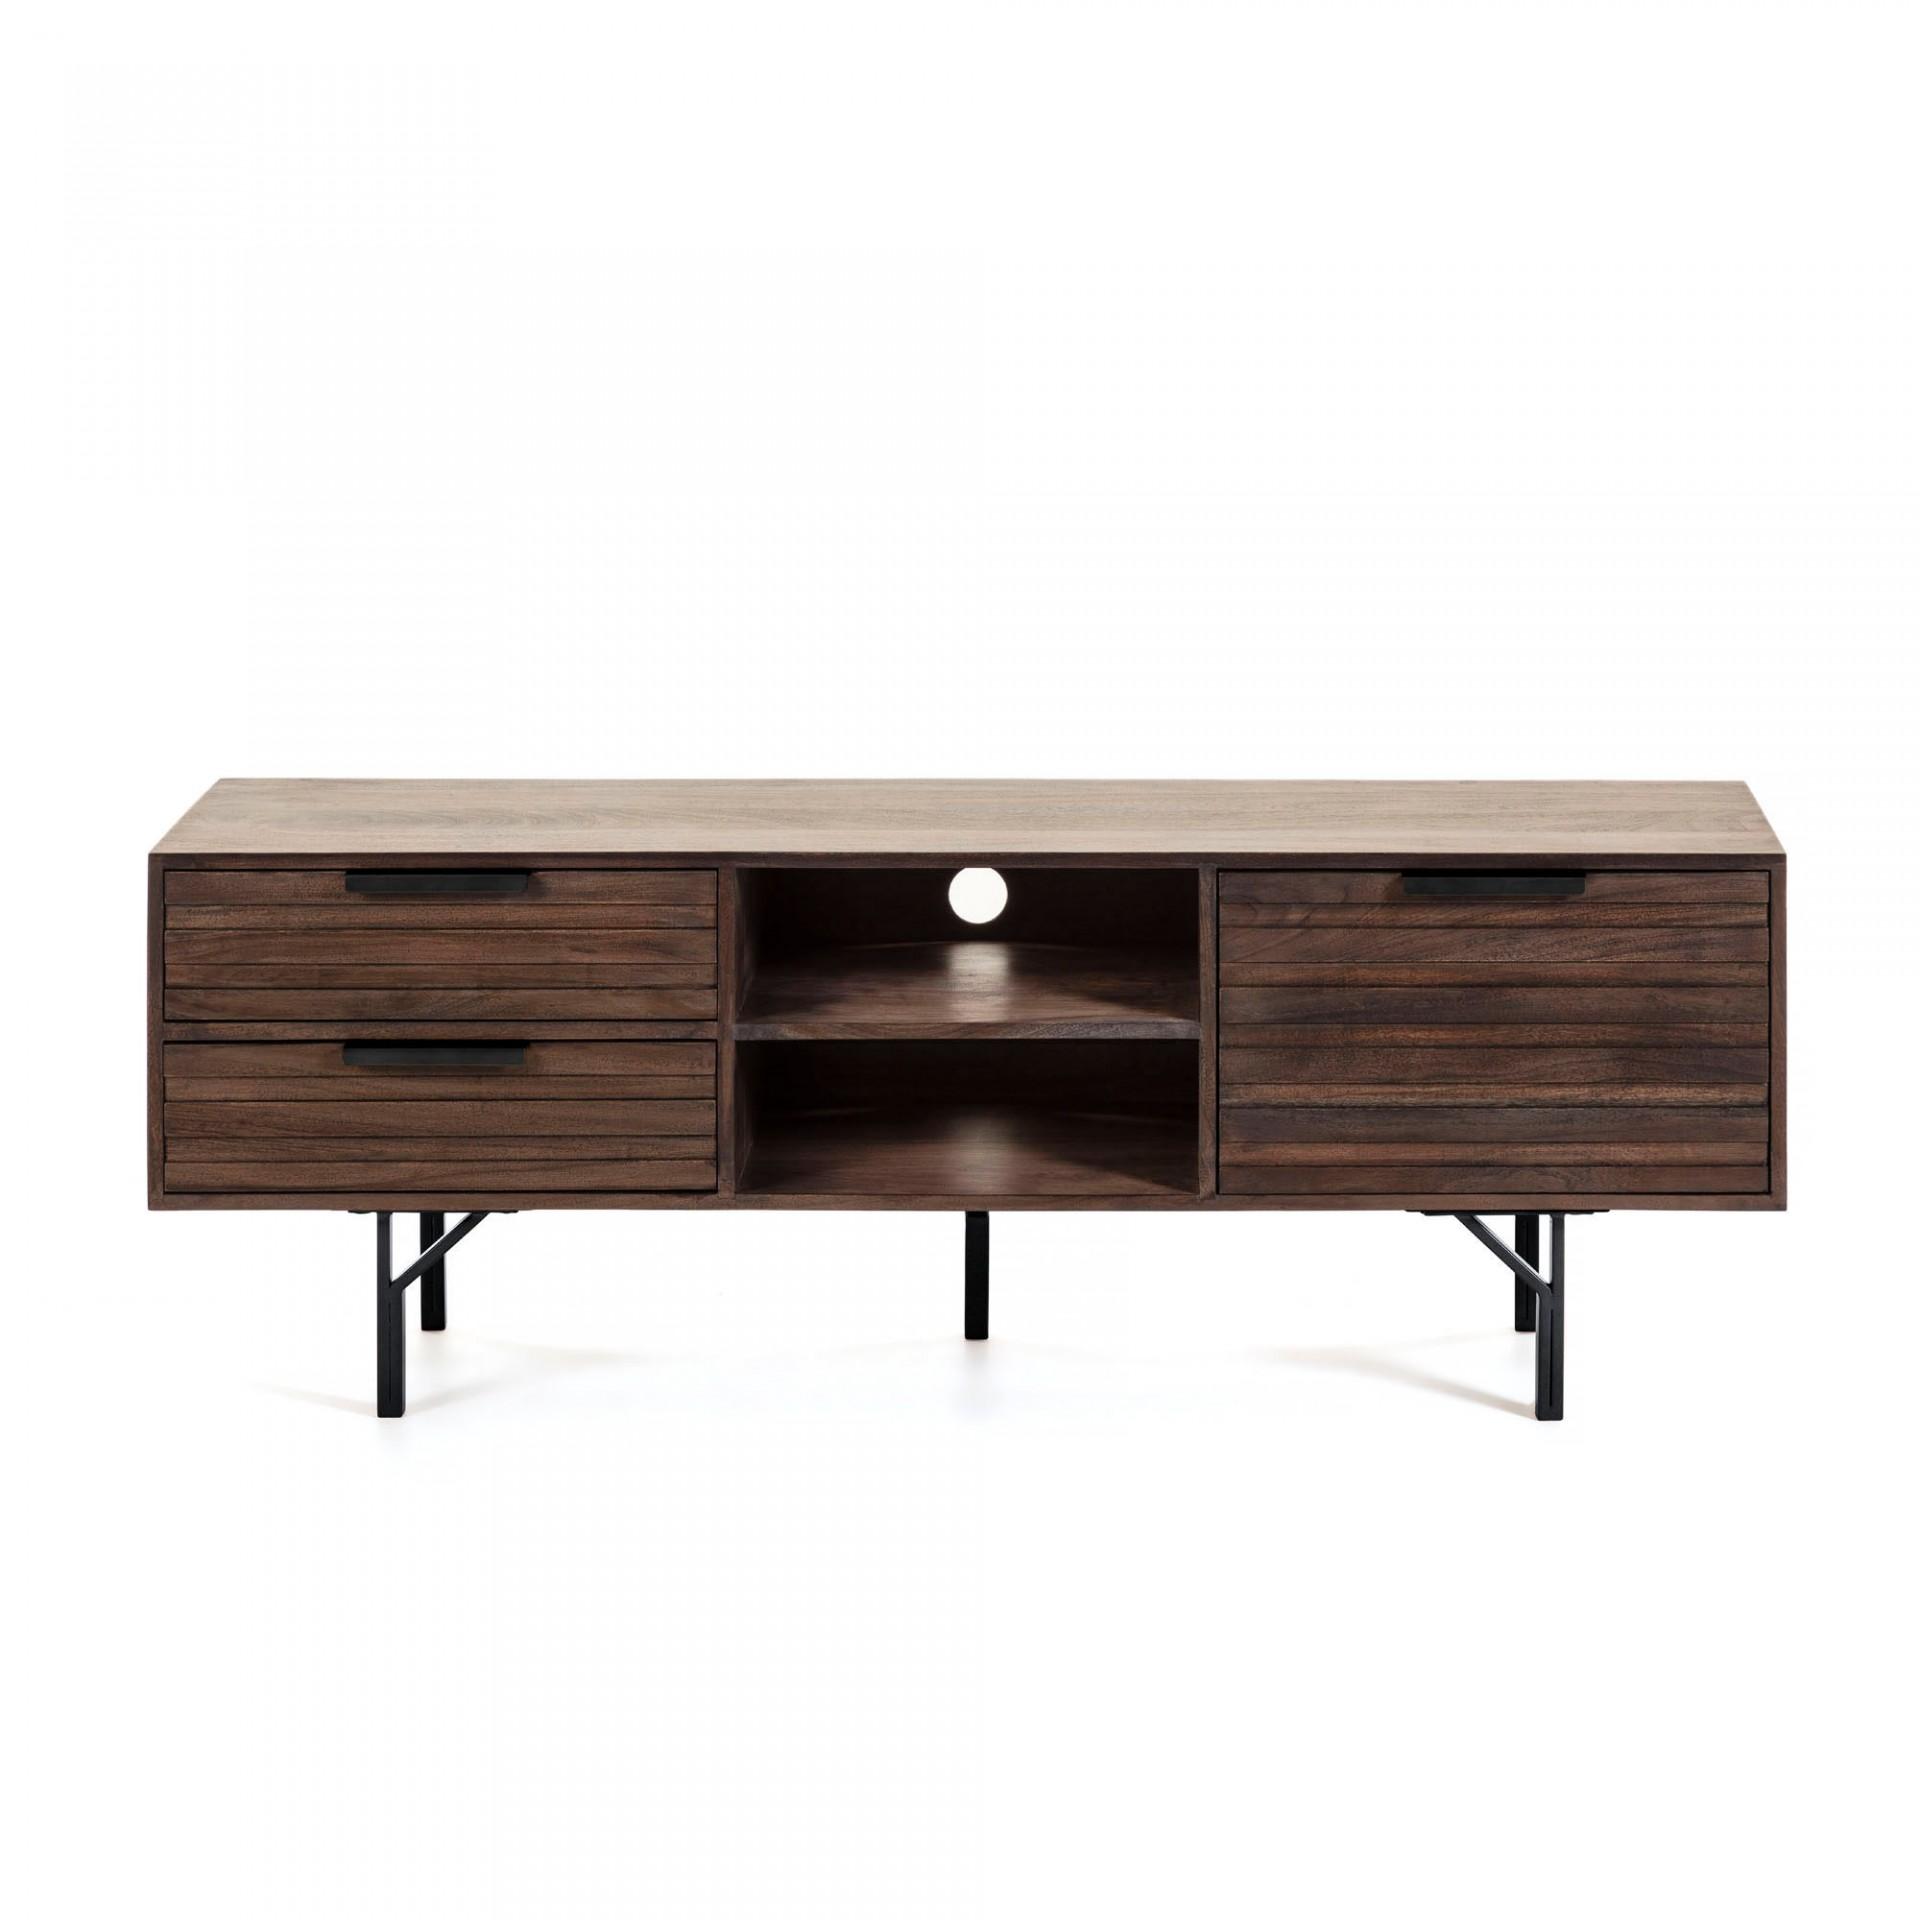 Móvel TV Italia, madeira de acácia/mogno, 160x57